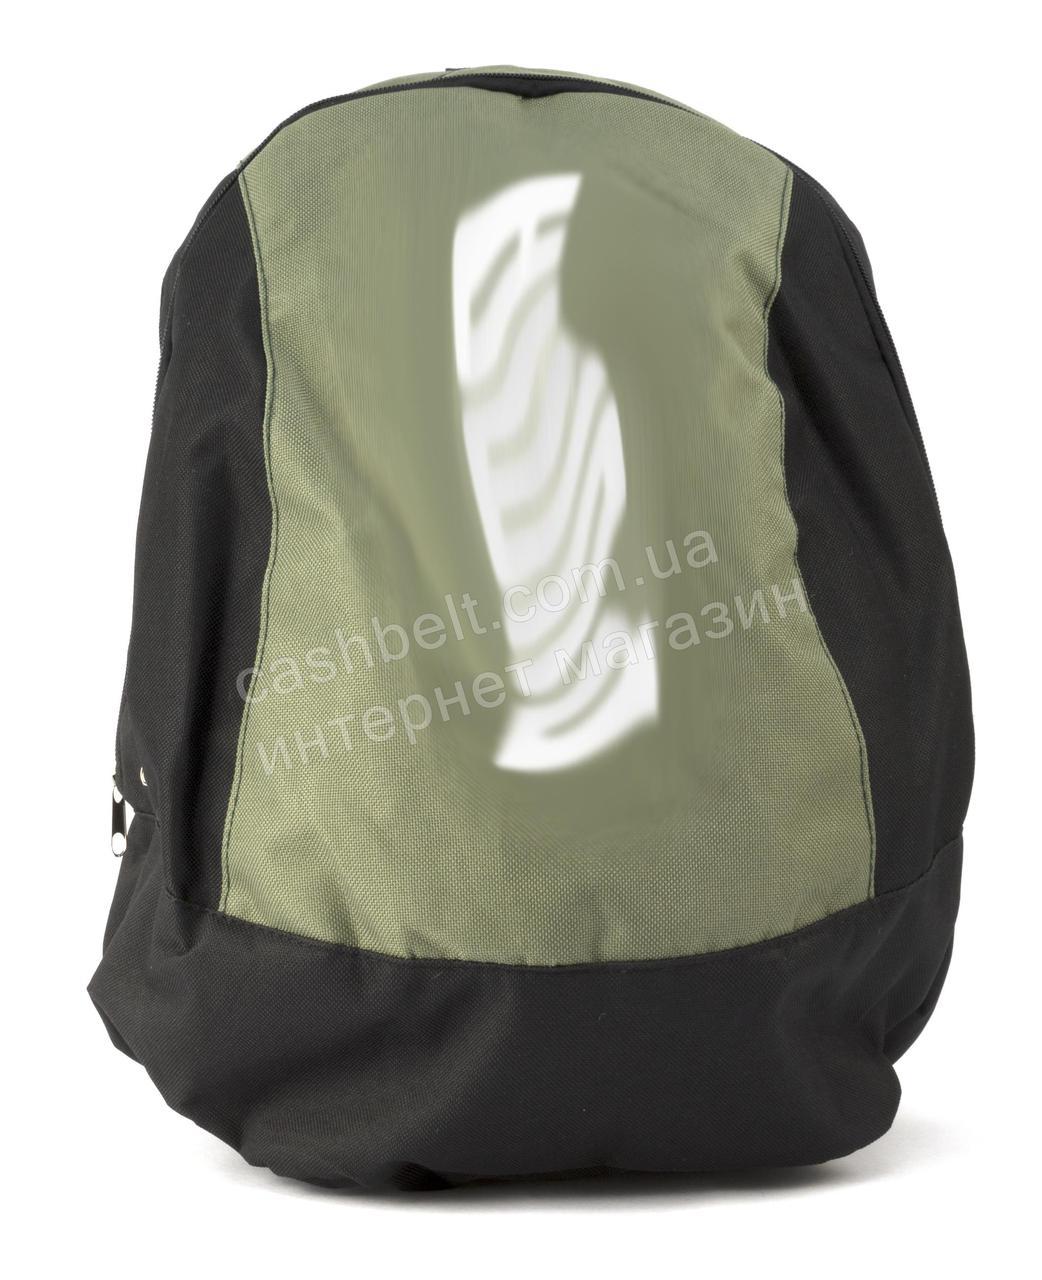 Вместительный качественный спортивный рюкзак Пуман art. 102544 Украина черный/хаки